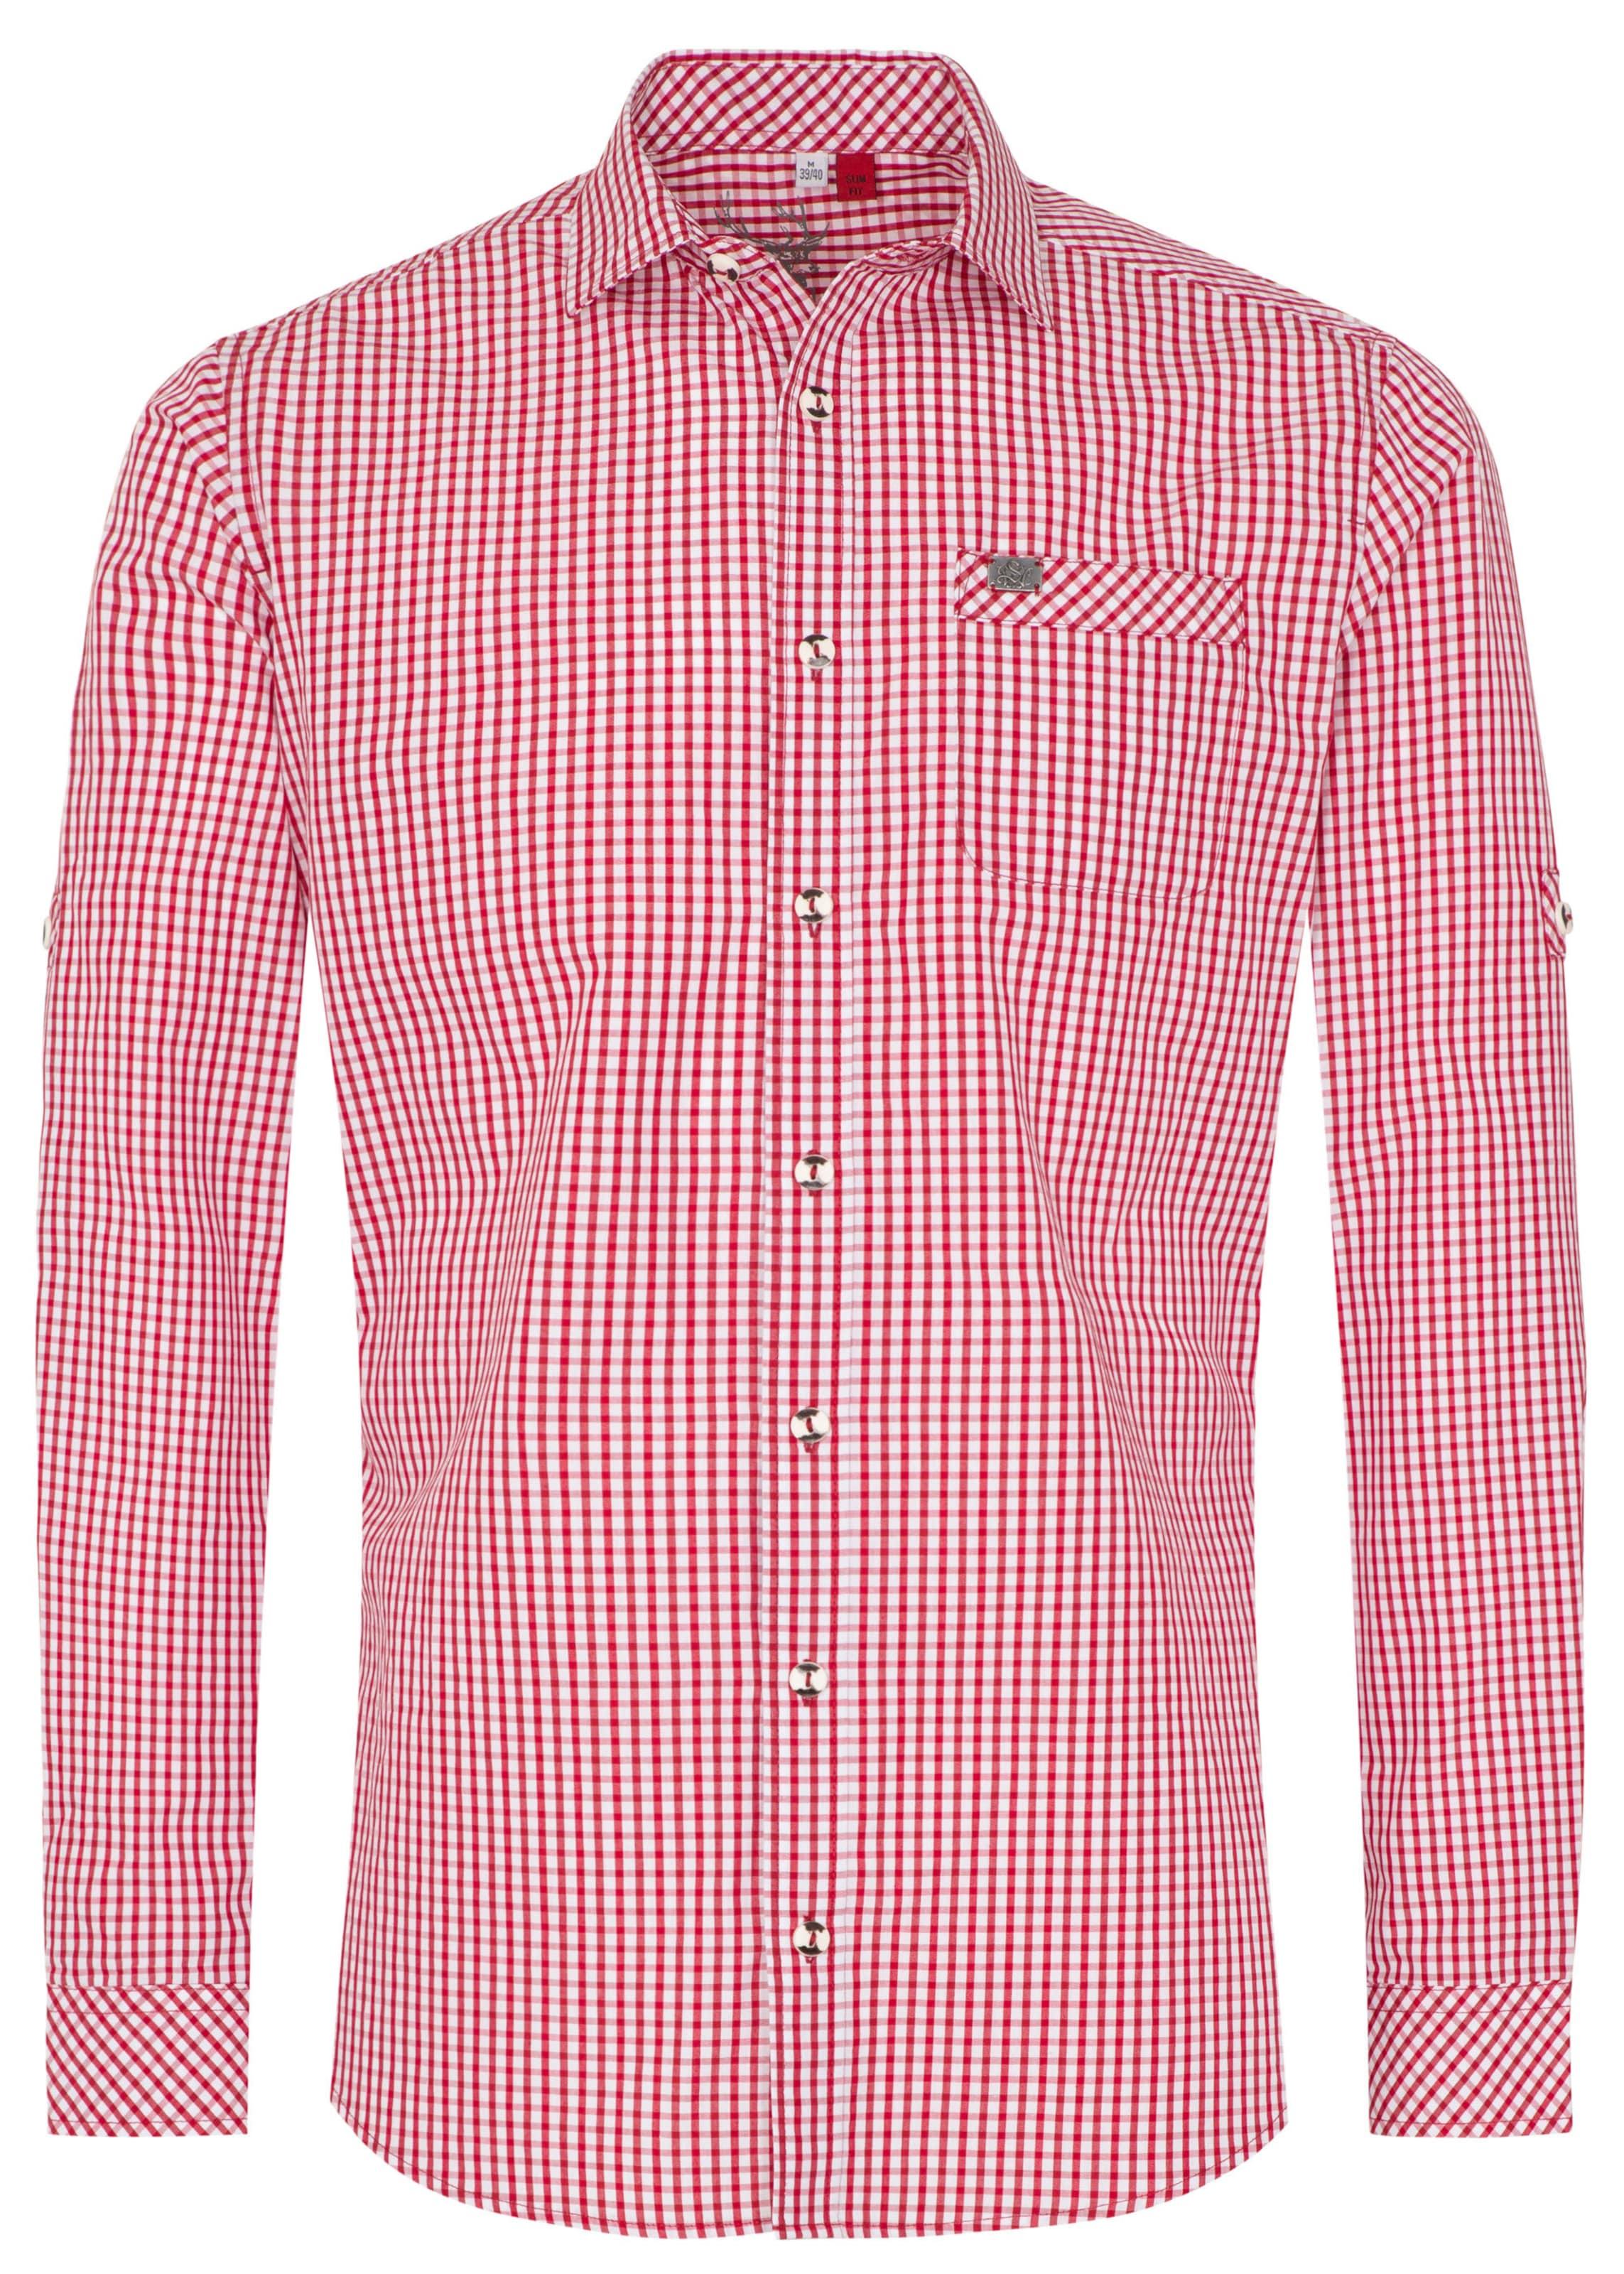 Herren SPIETH & WENSKY Trachtenhemd 'Kanu' rot | 04059829558977